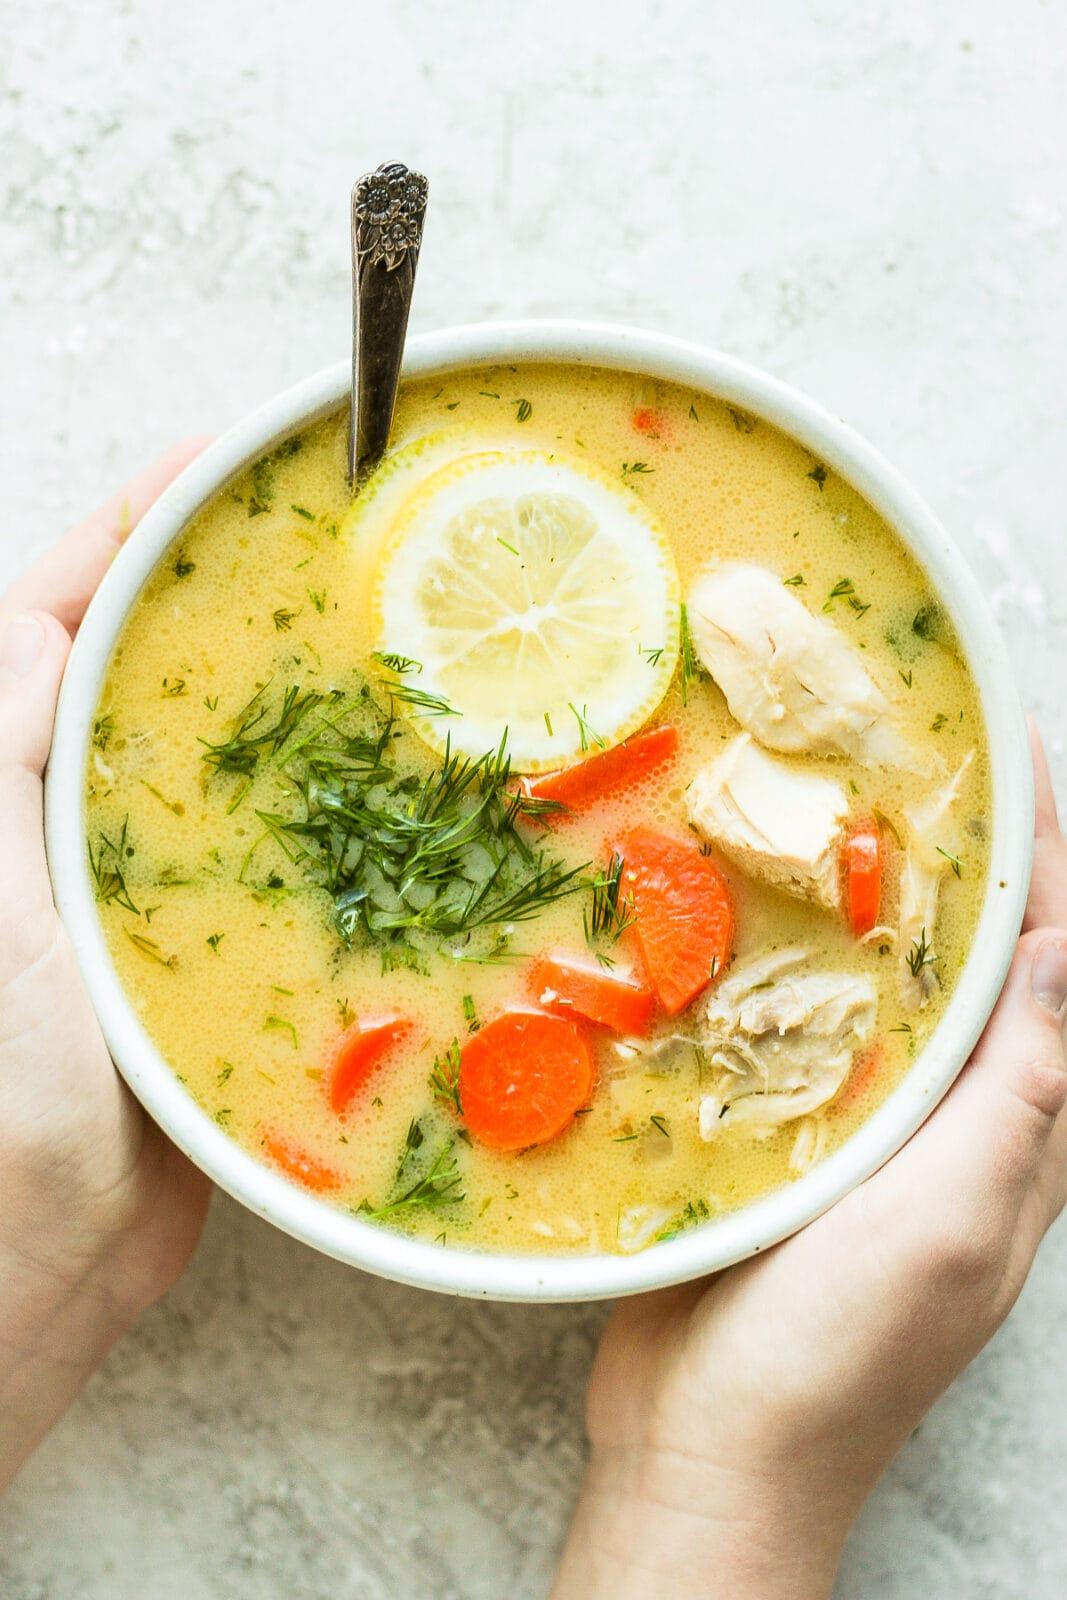 Bowl of greek lemon chicken soup.